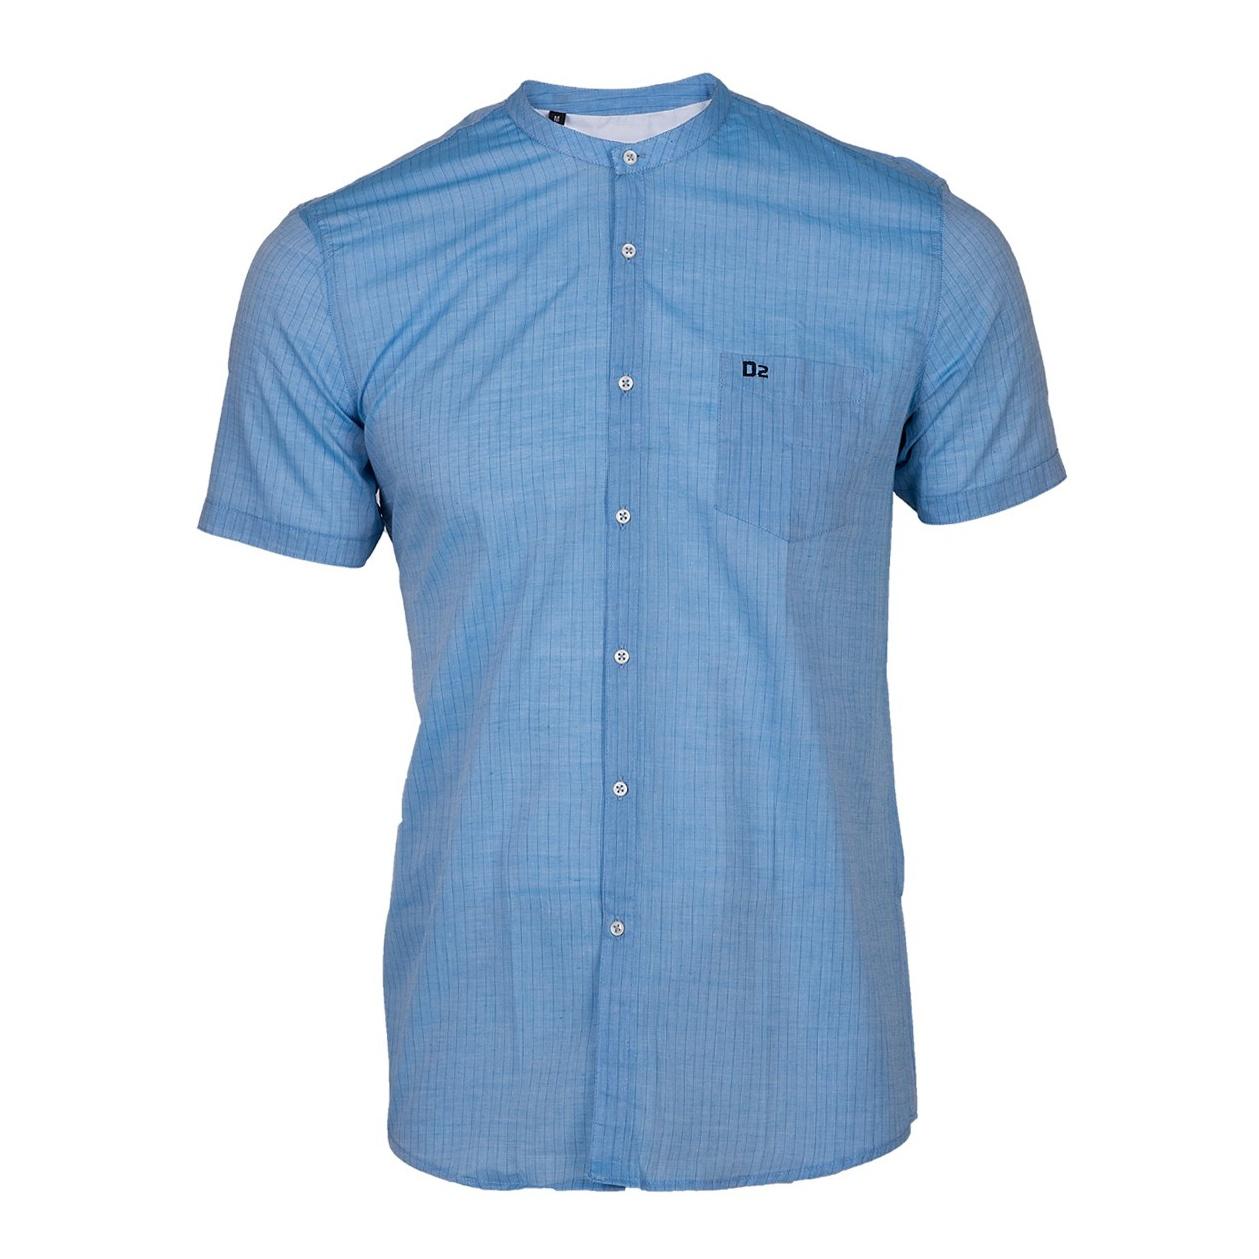 پیراهن آستین کوتاه مردانه رویال راک مدل RR-029